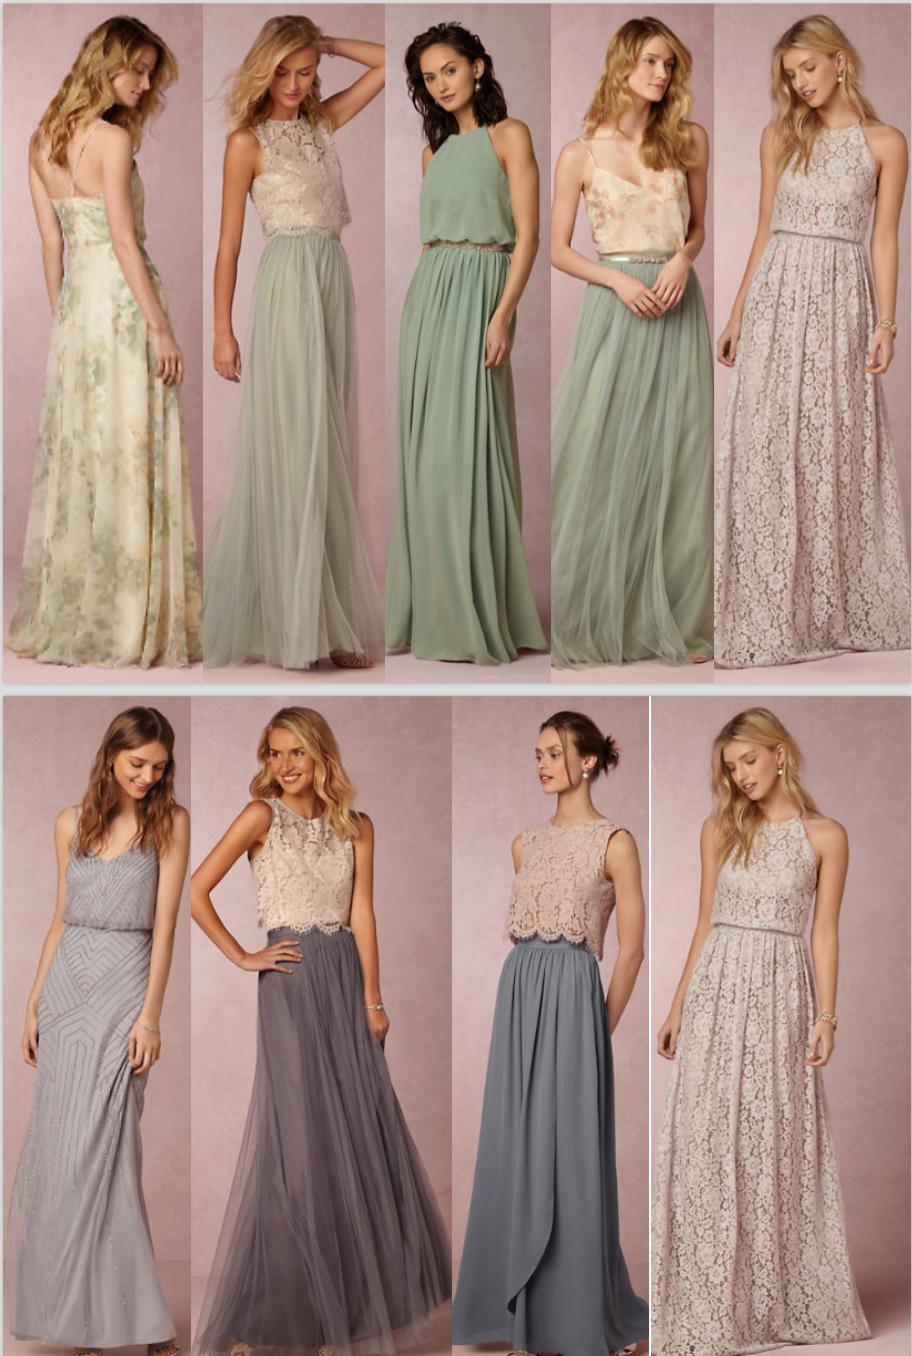 kleider hochzeit pastell - abendkleid